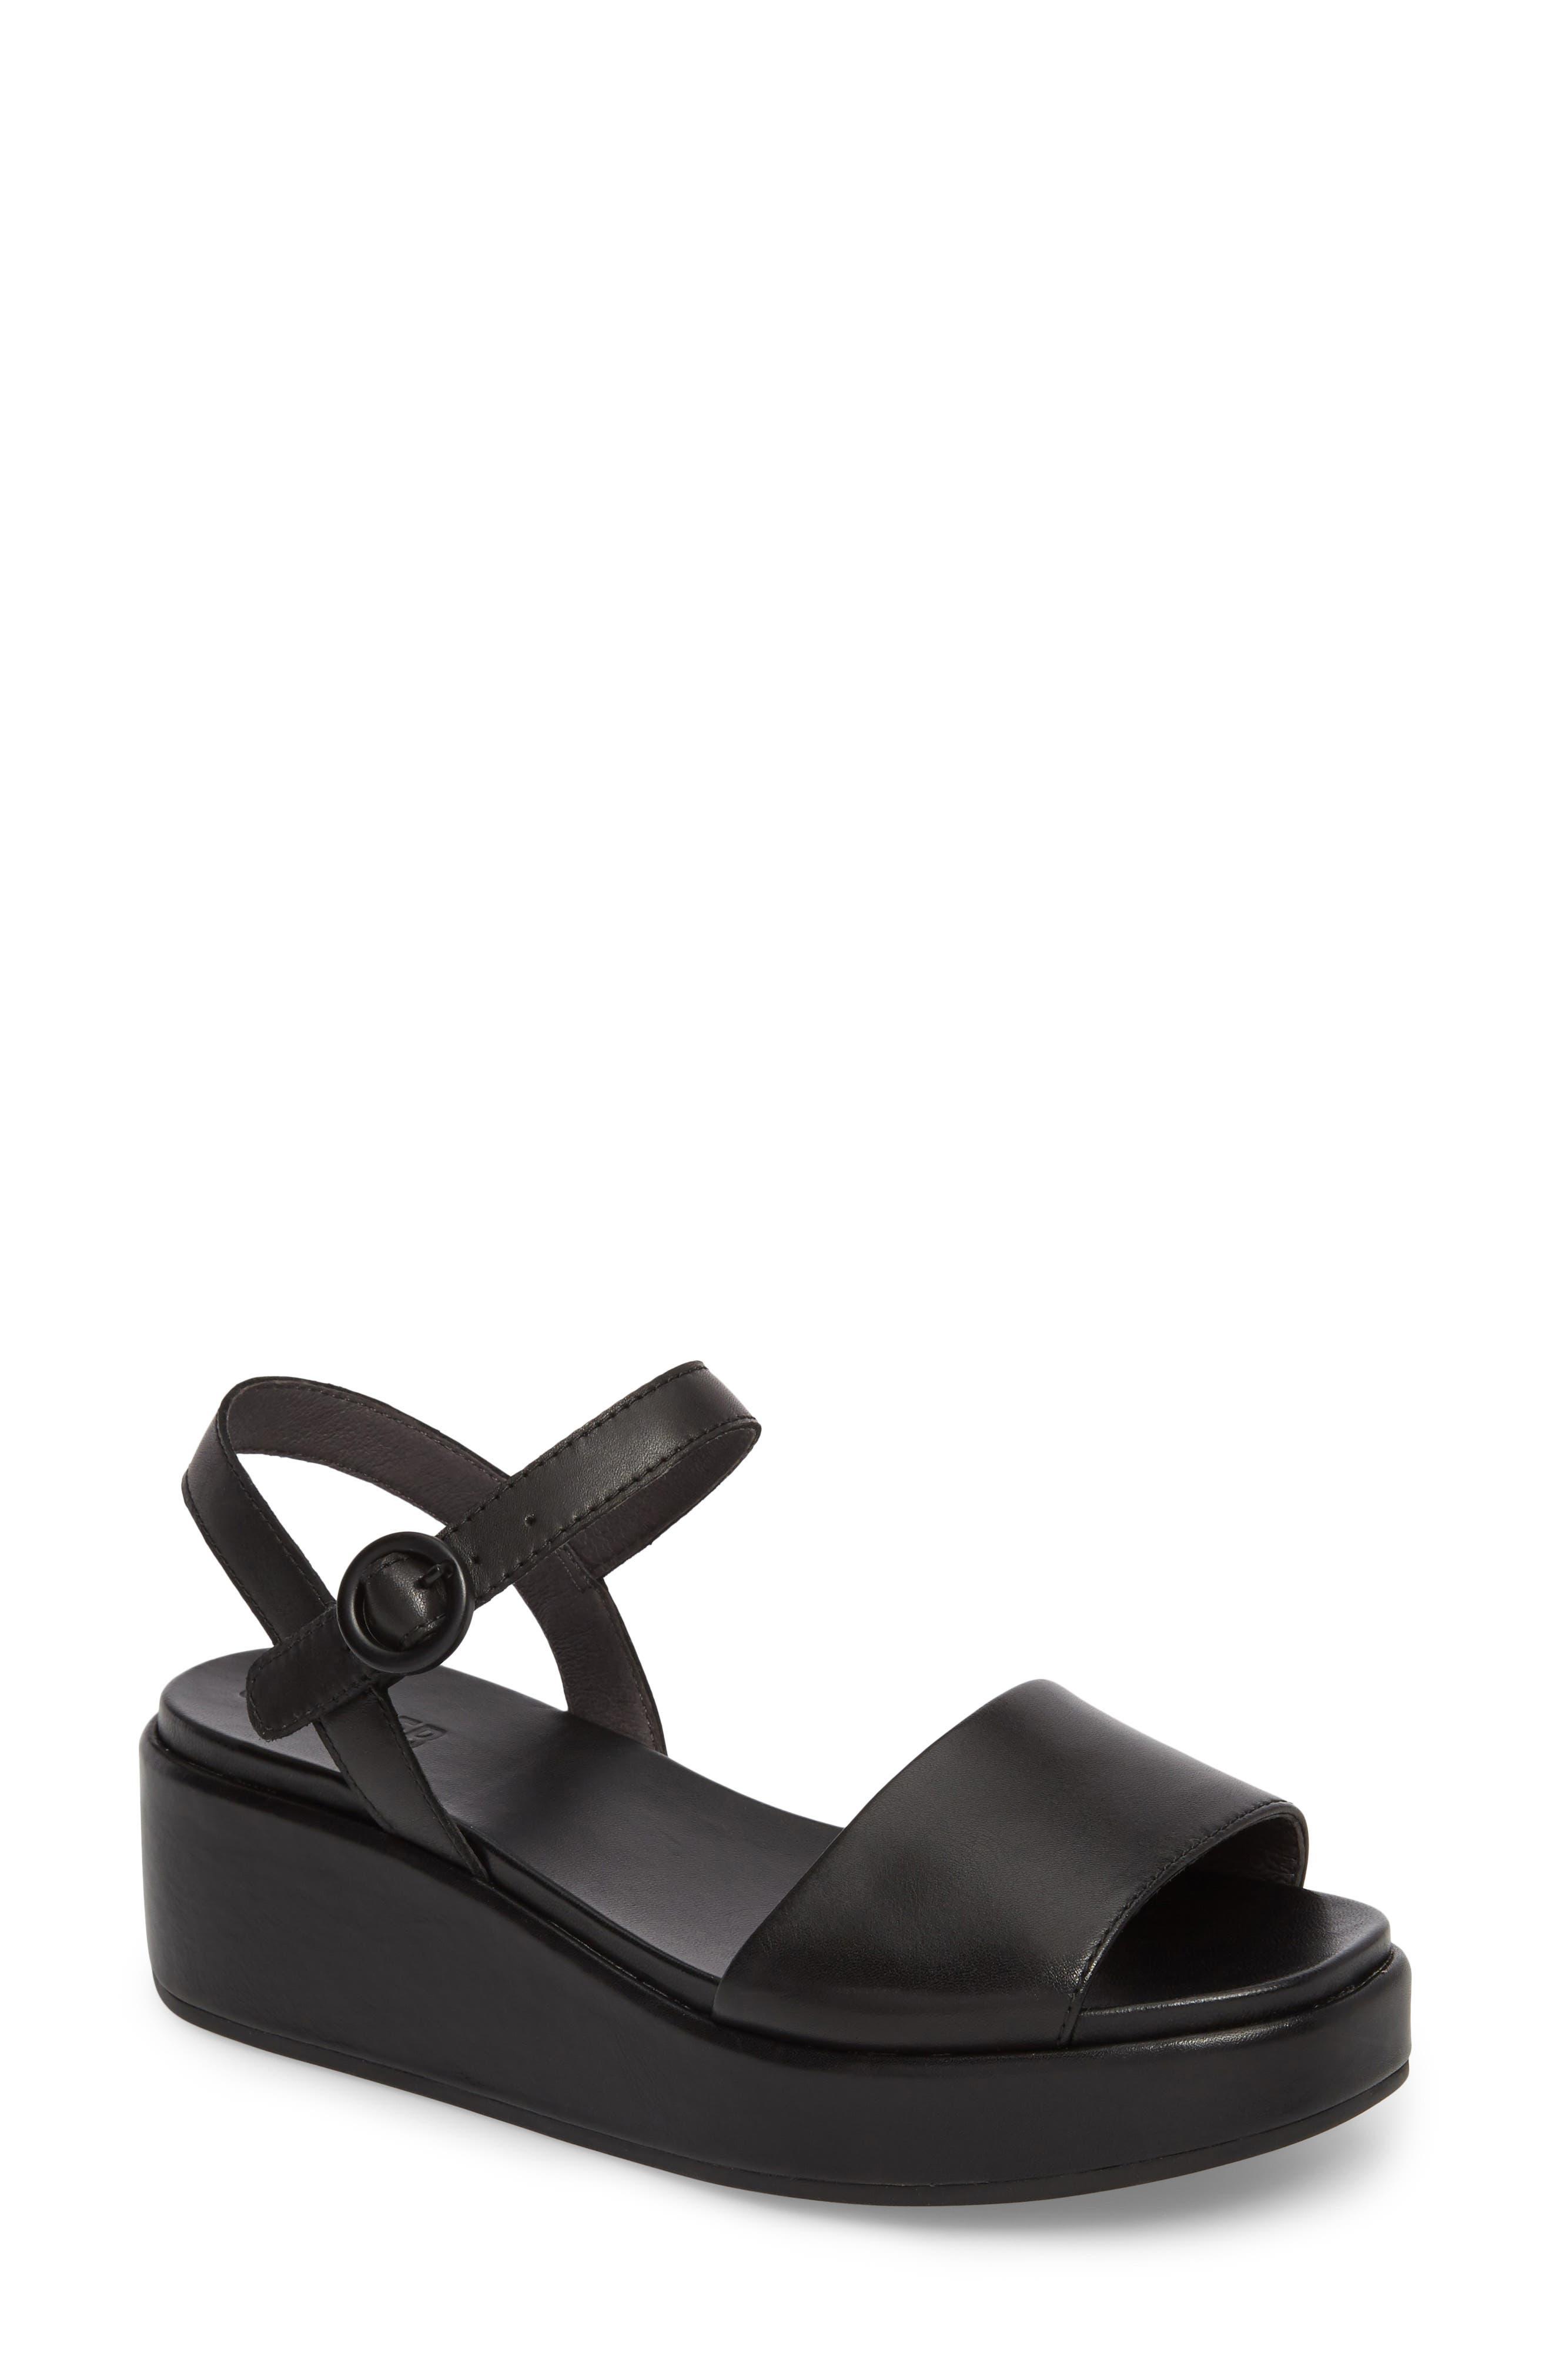 CAMPER Misia Platform Wedge Sandal, Main, color, BLACK LEATHER